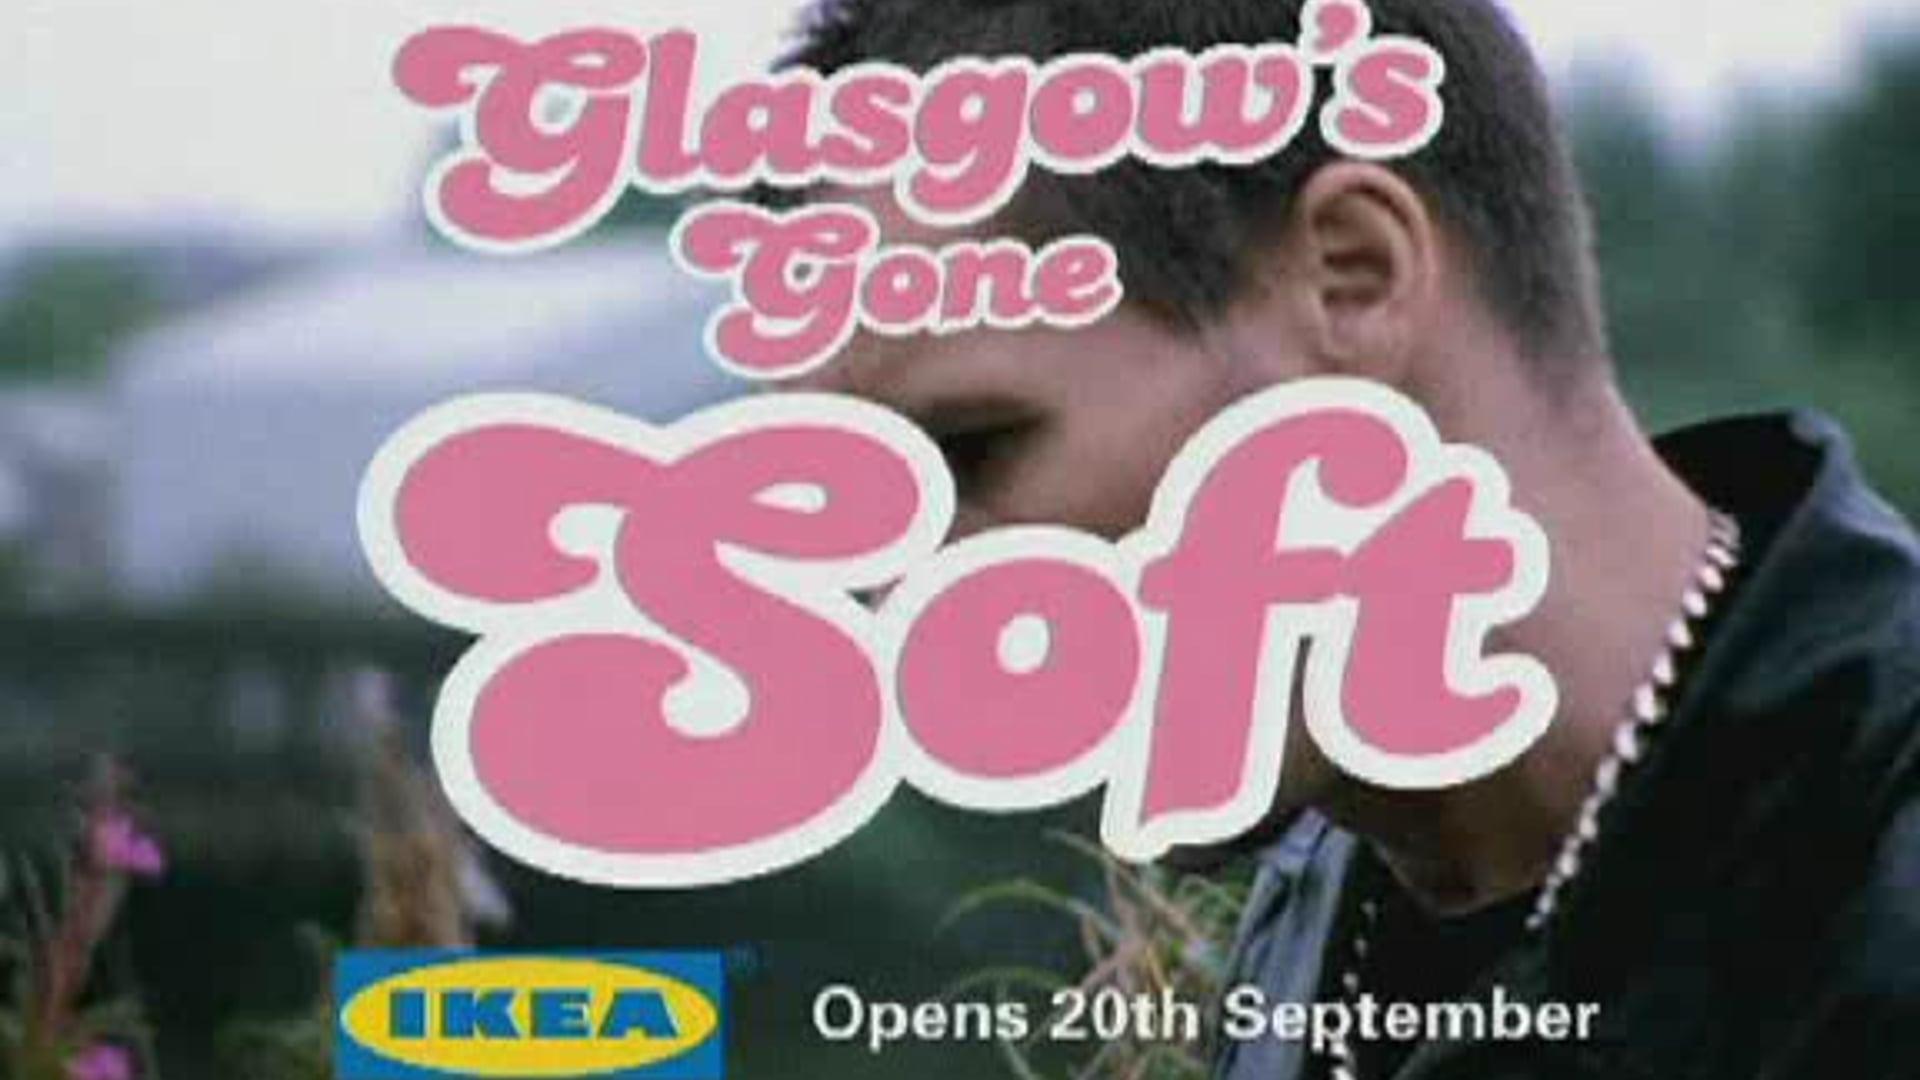 IKEA - Glasgow Launch